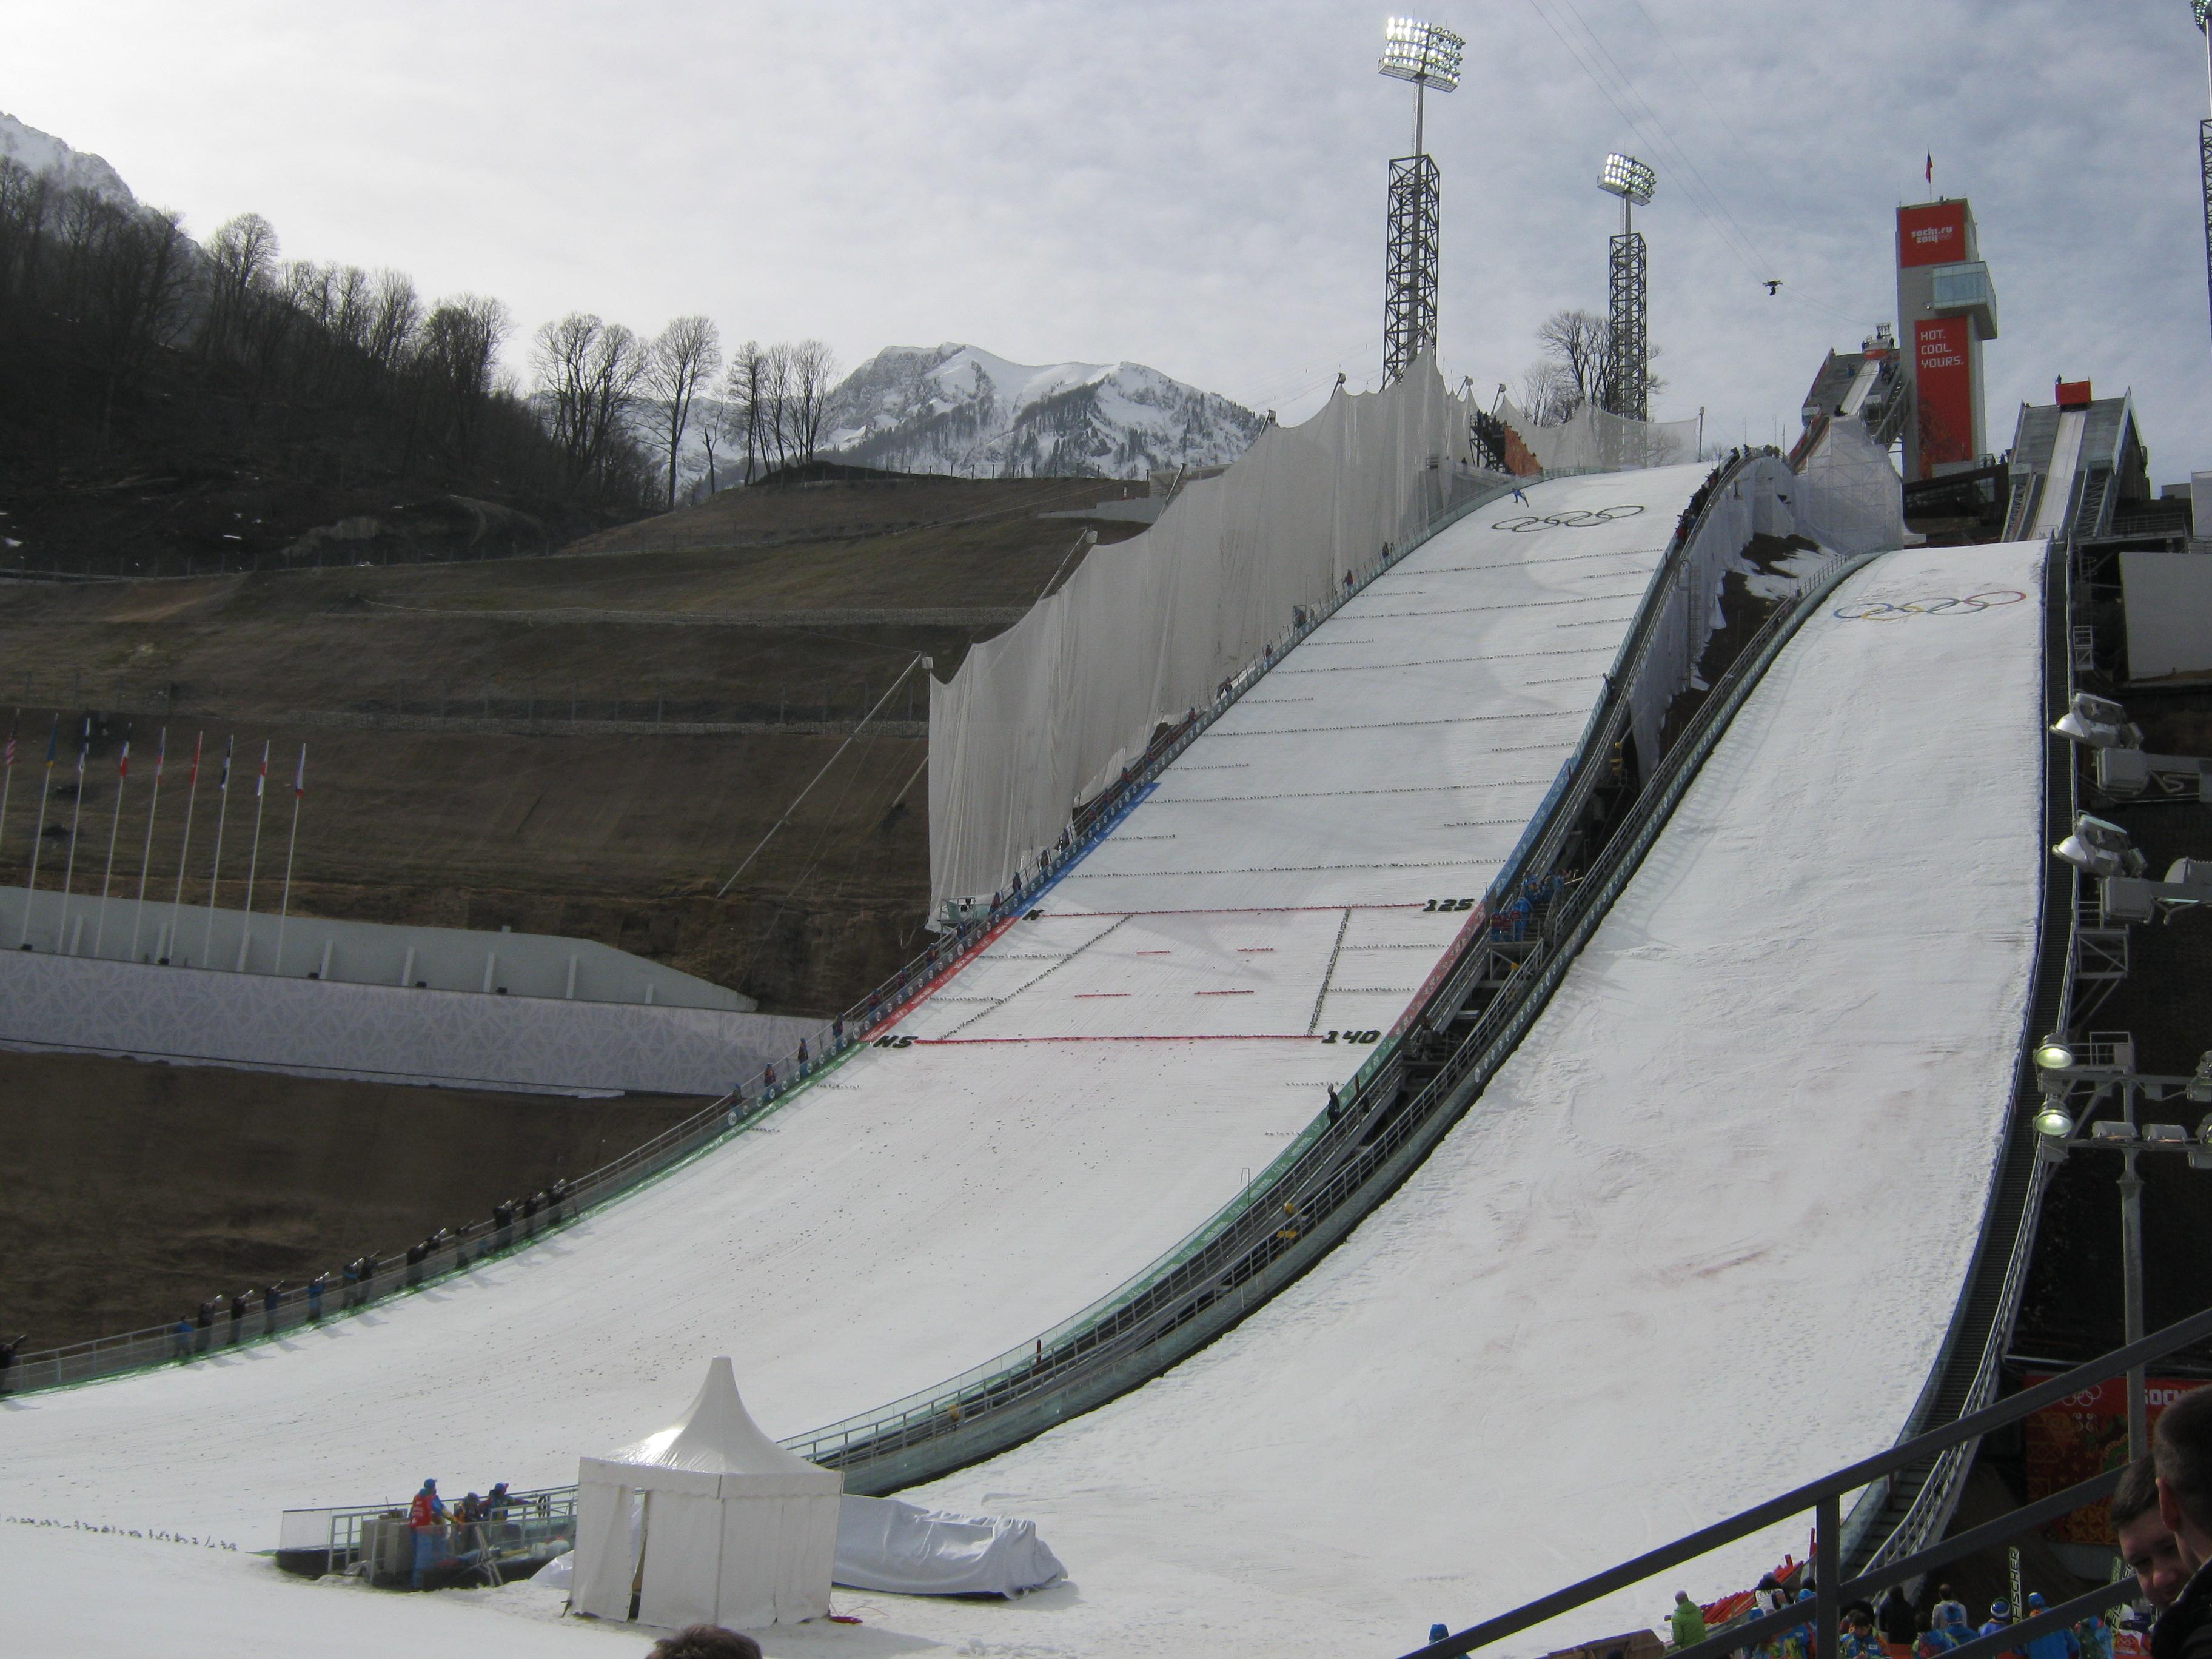 Znalezione obrazy dla zapytania krasnaja polana ski jump